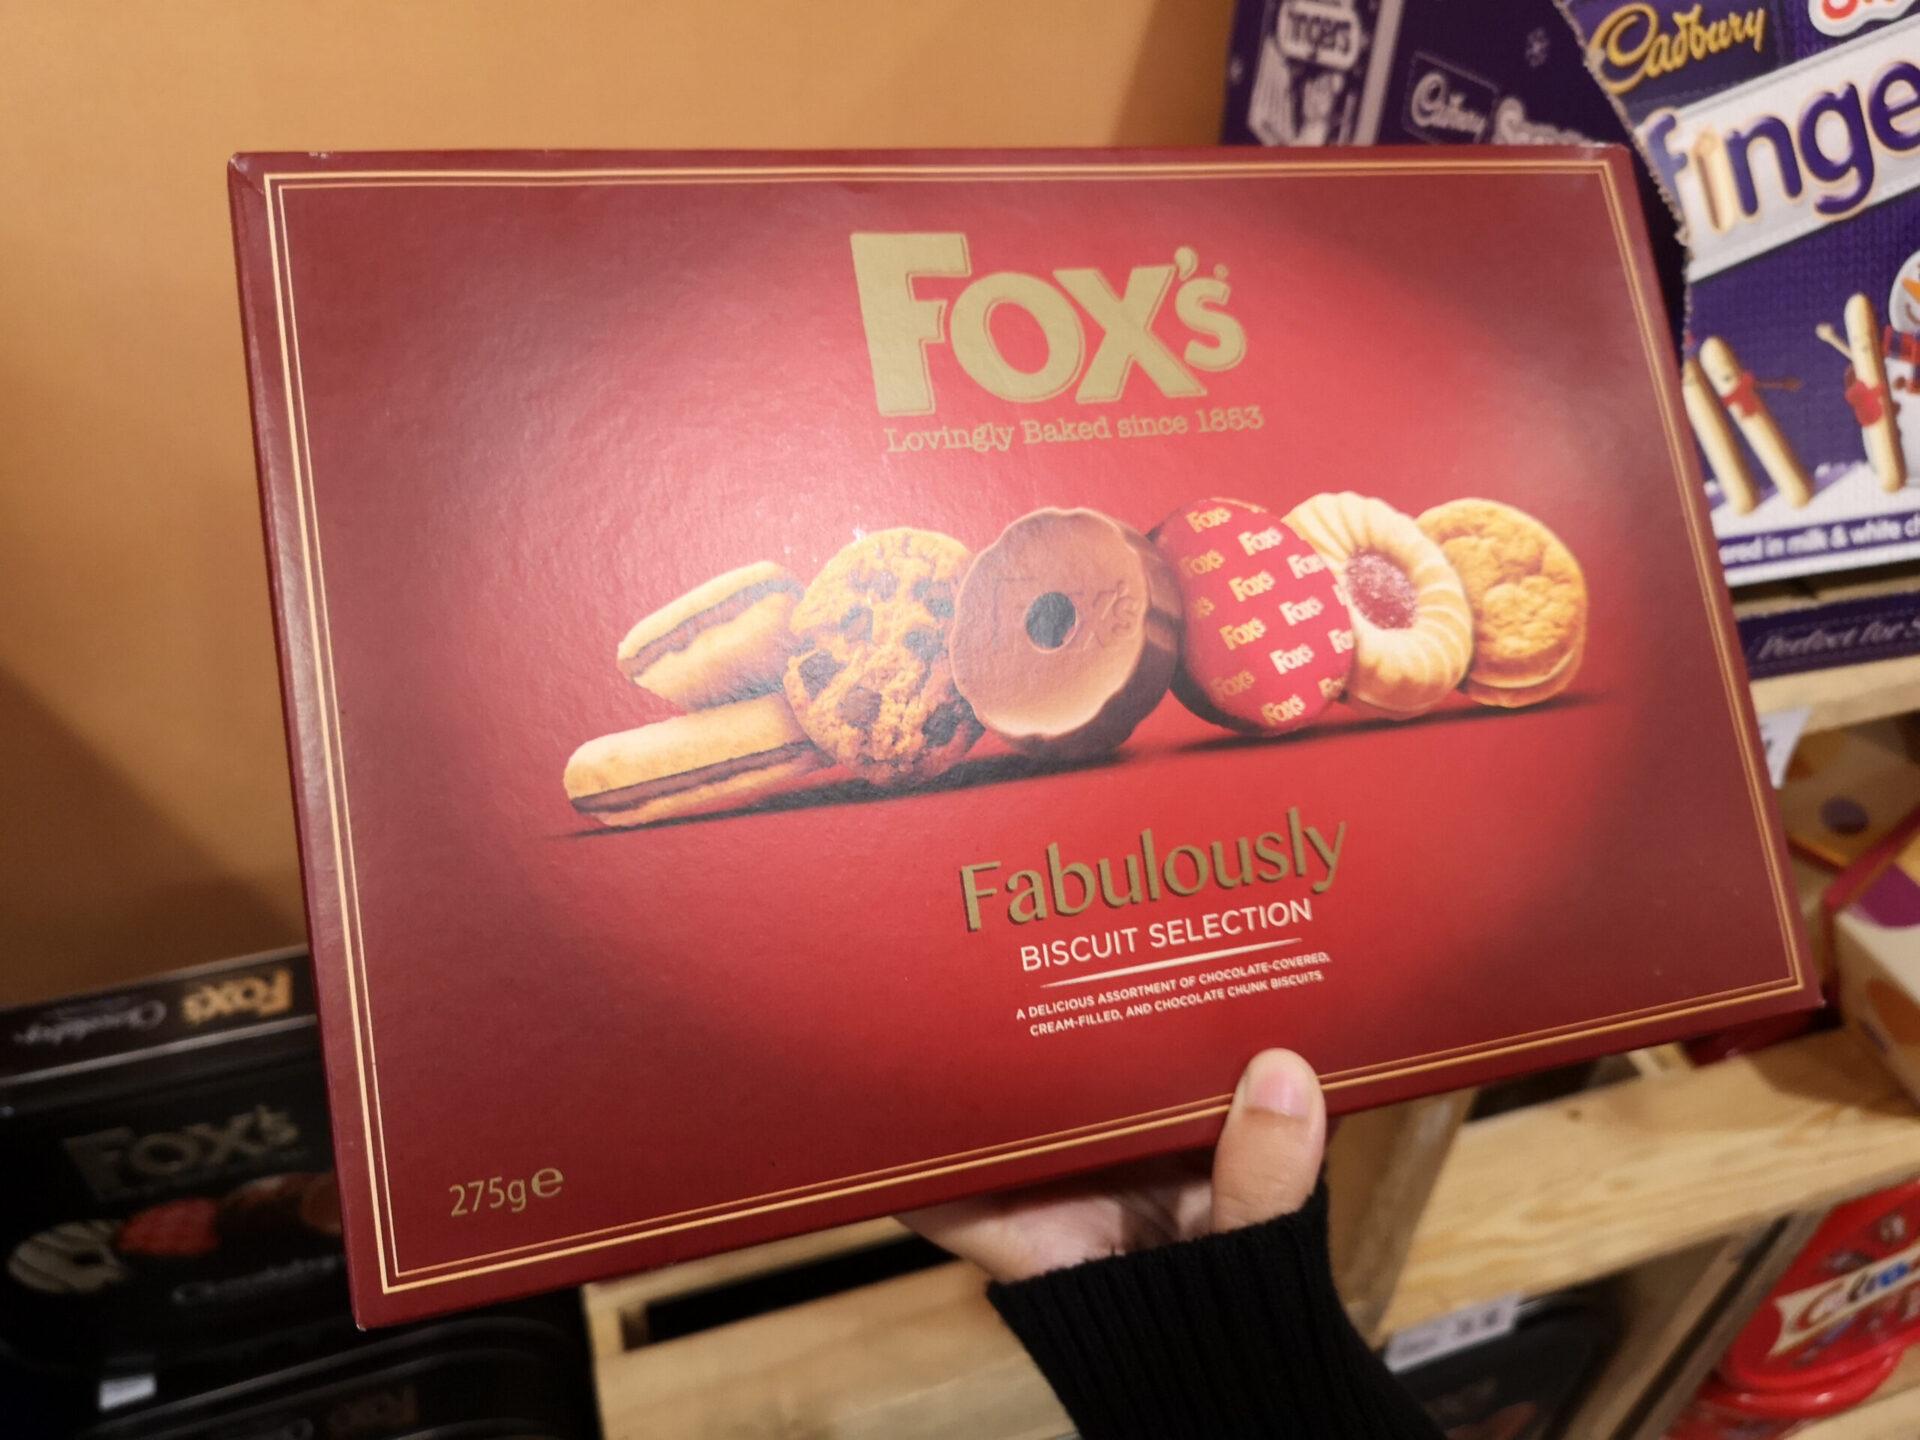 Ferrero acquista i biscotti inglesi Fox's, e non si ferma più